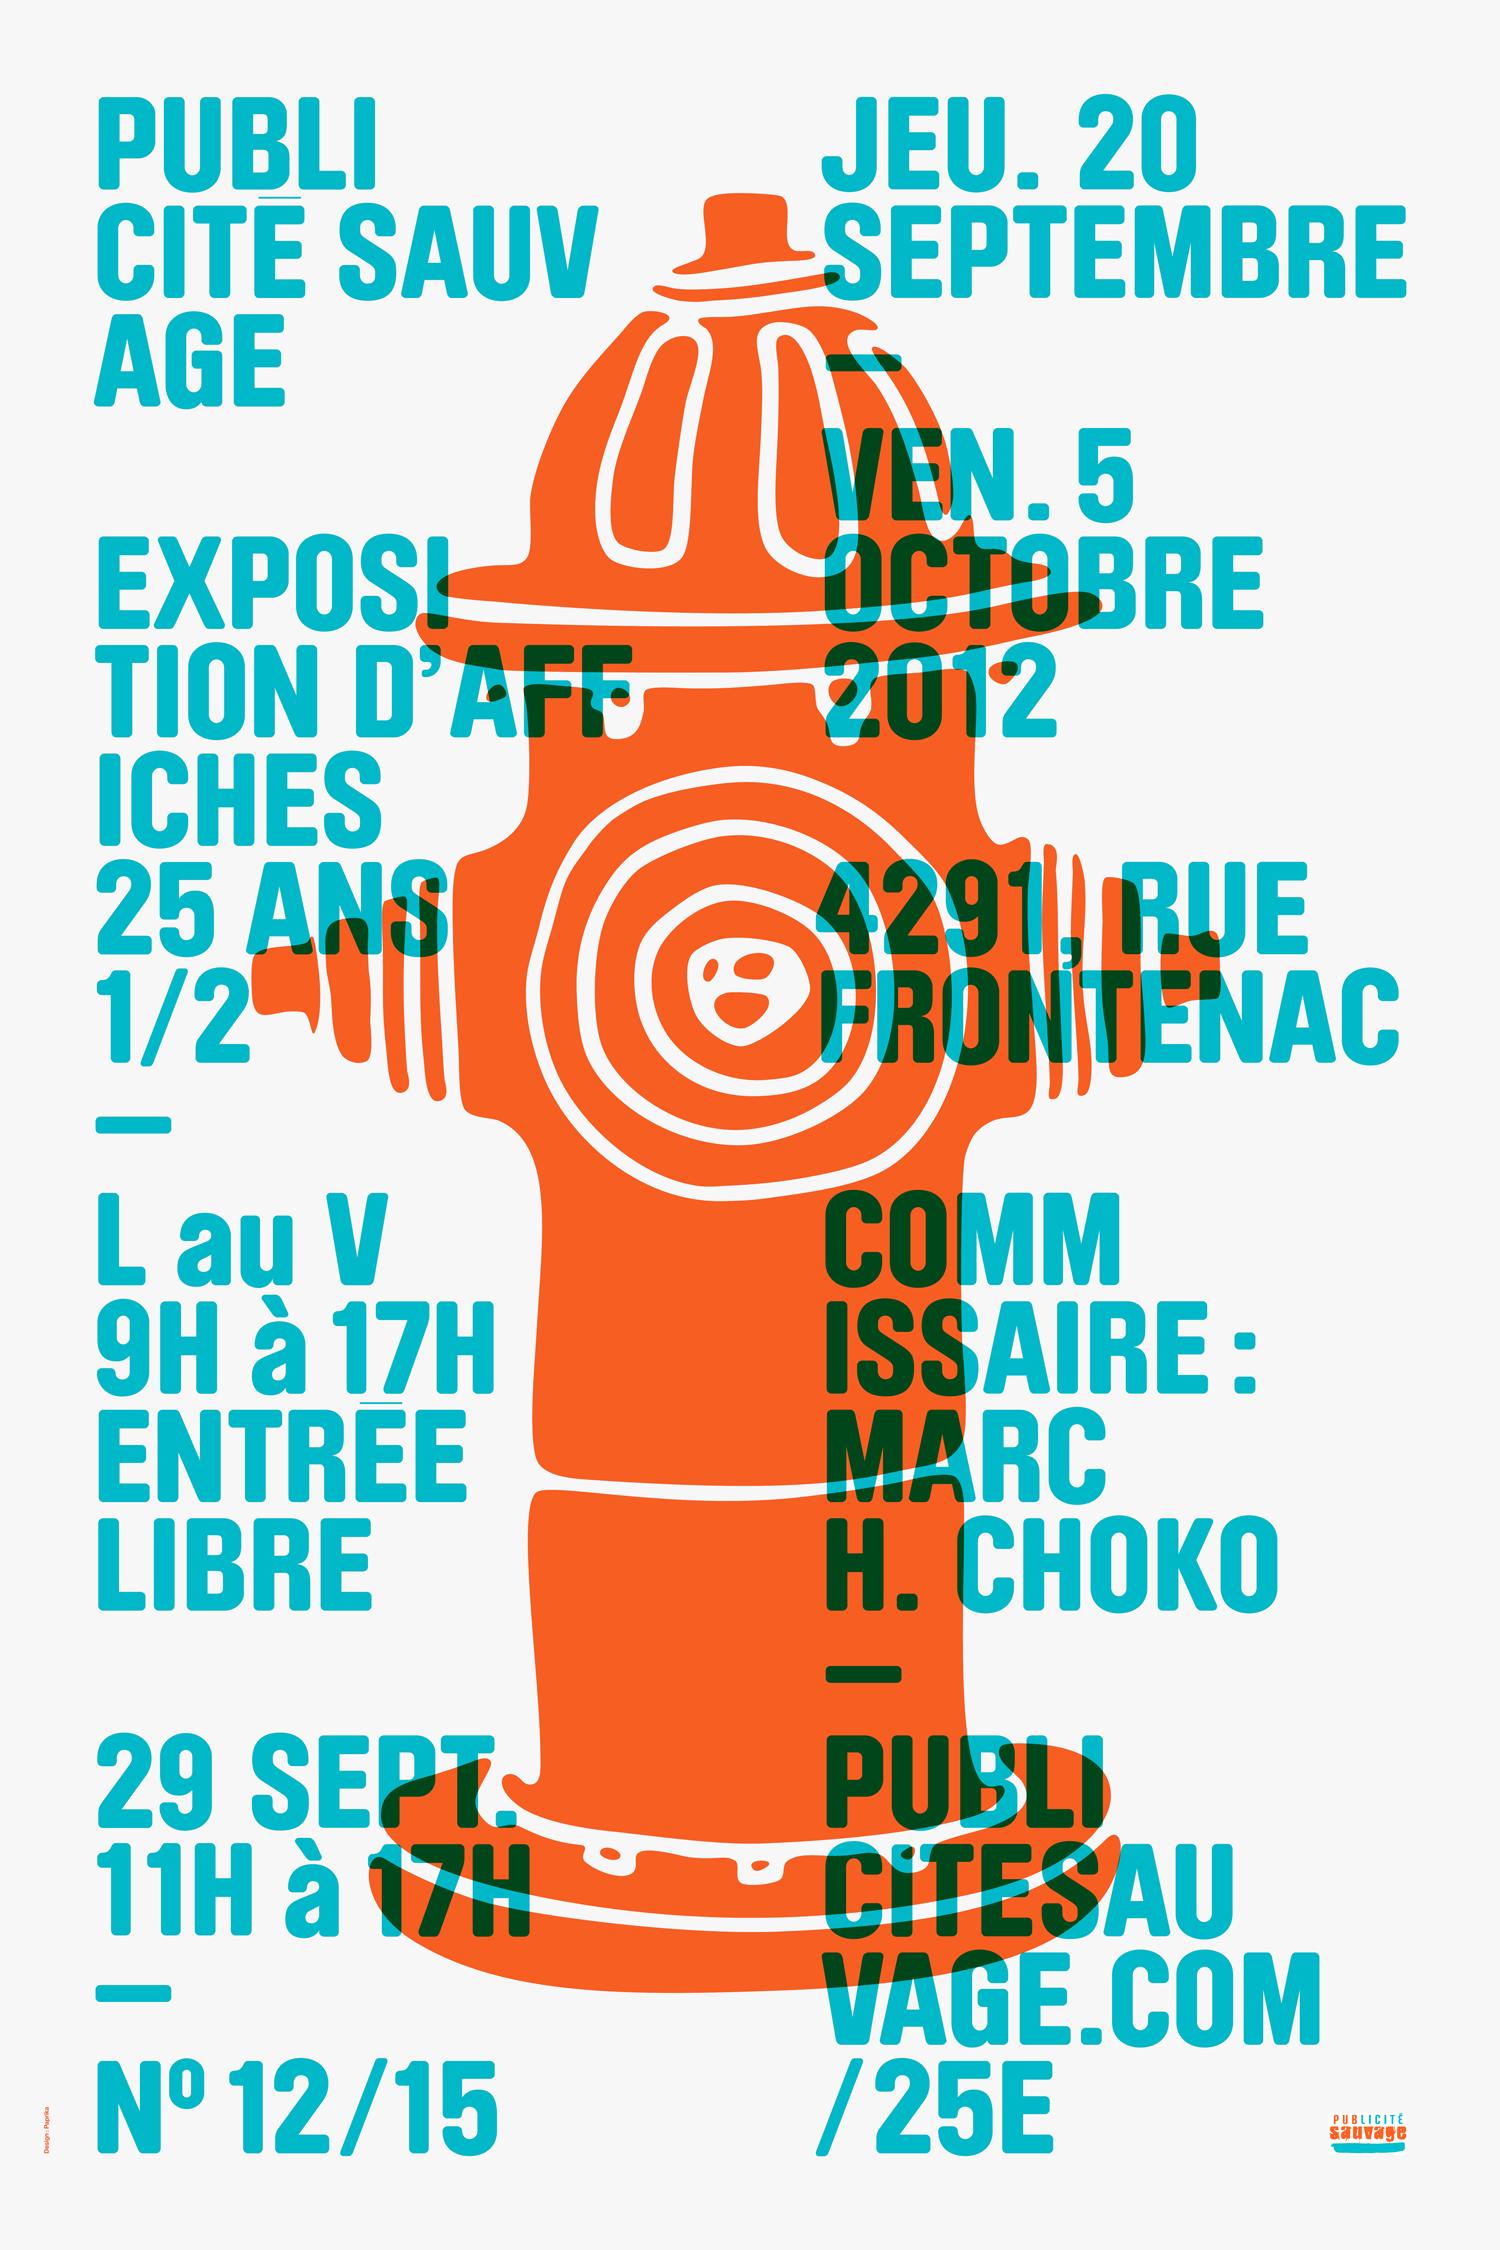 Publicité Sauvage 25th Anniversary